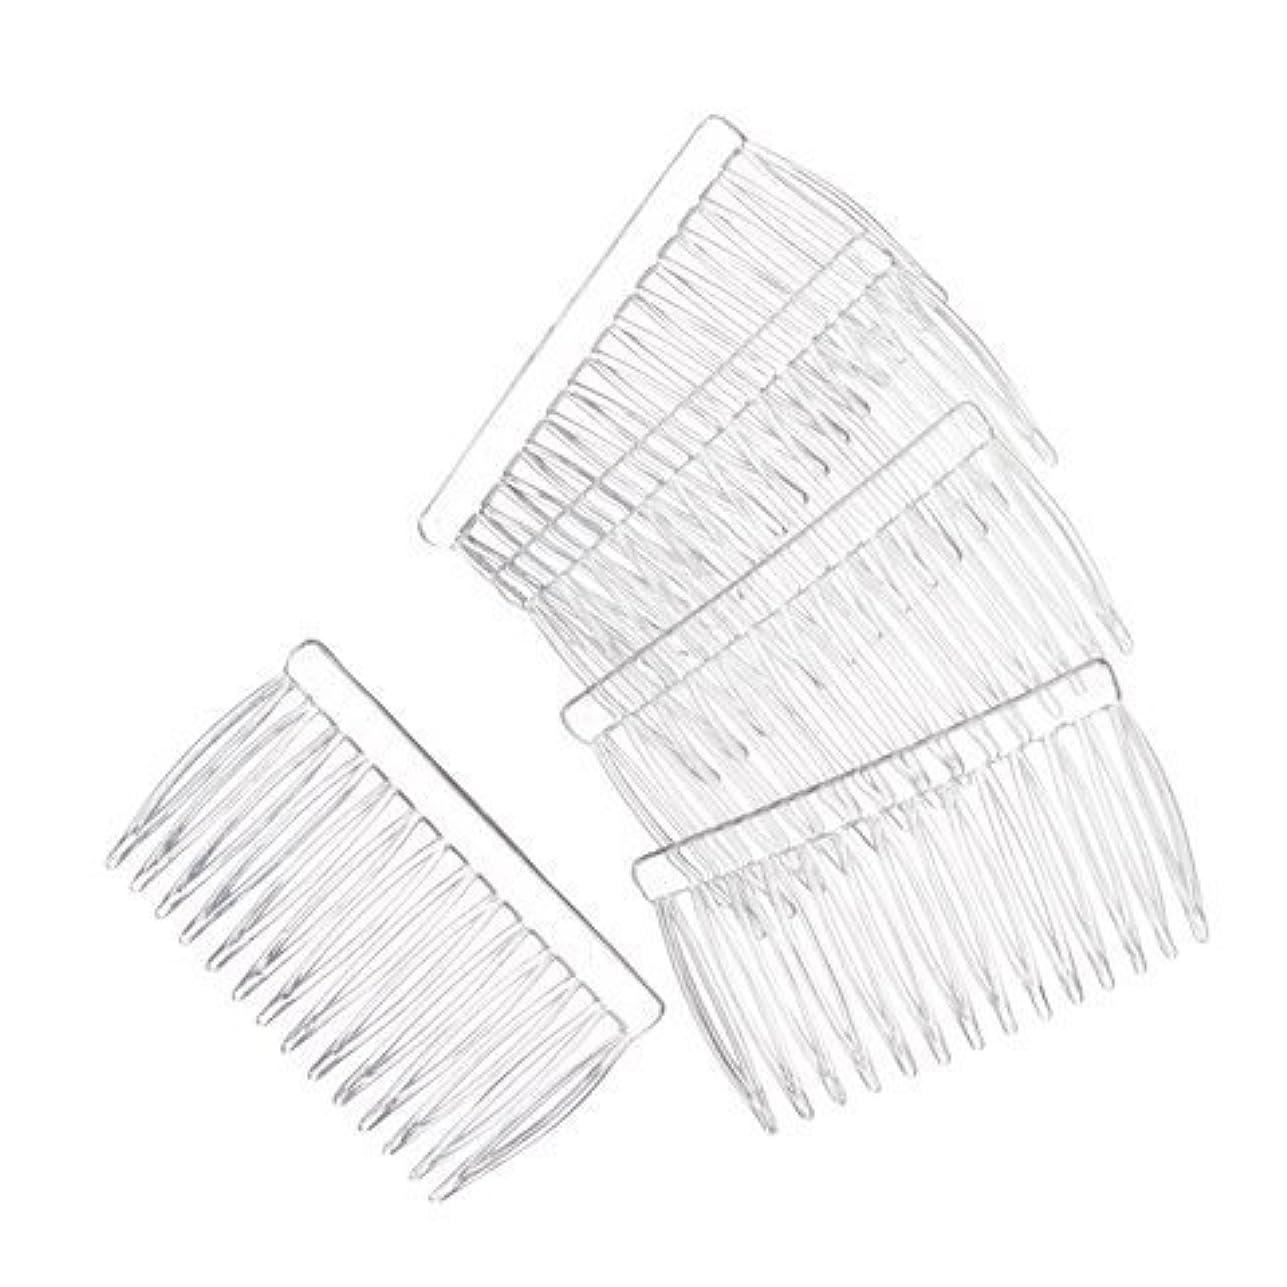 タイマープランテーション誘惑JUXINDA 14 Clear Plain plastic Smooth Hair Clips/Combs 2 3/4